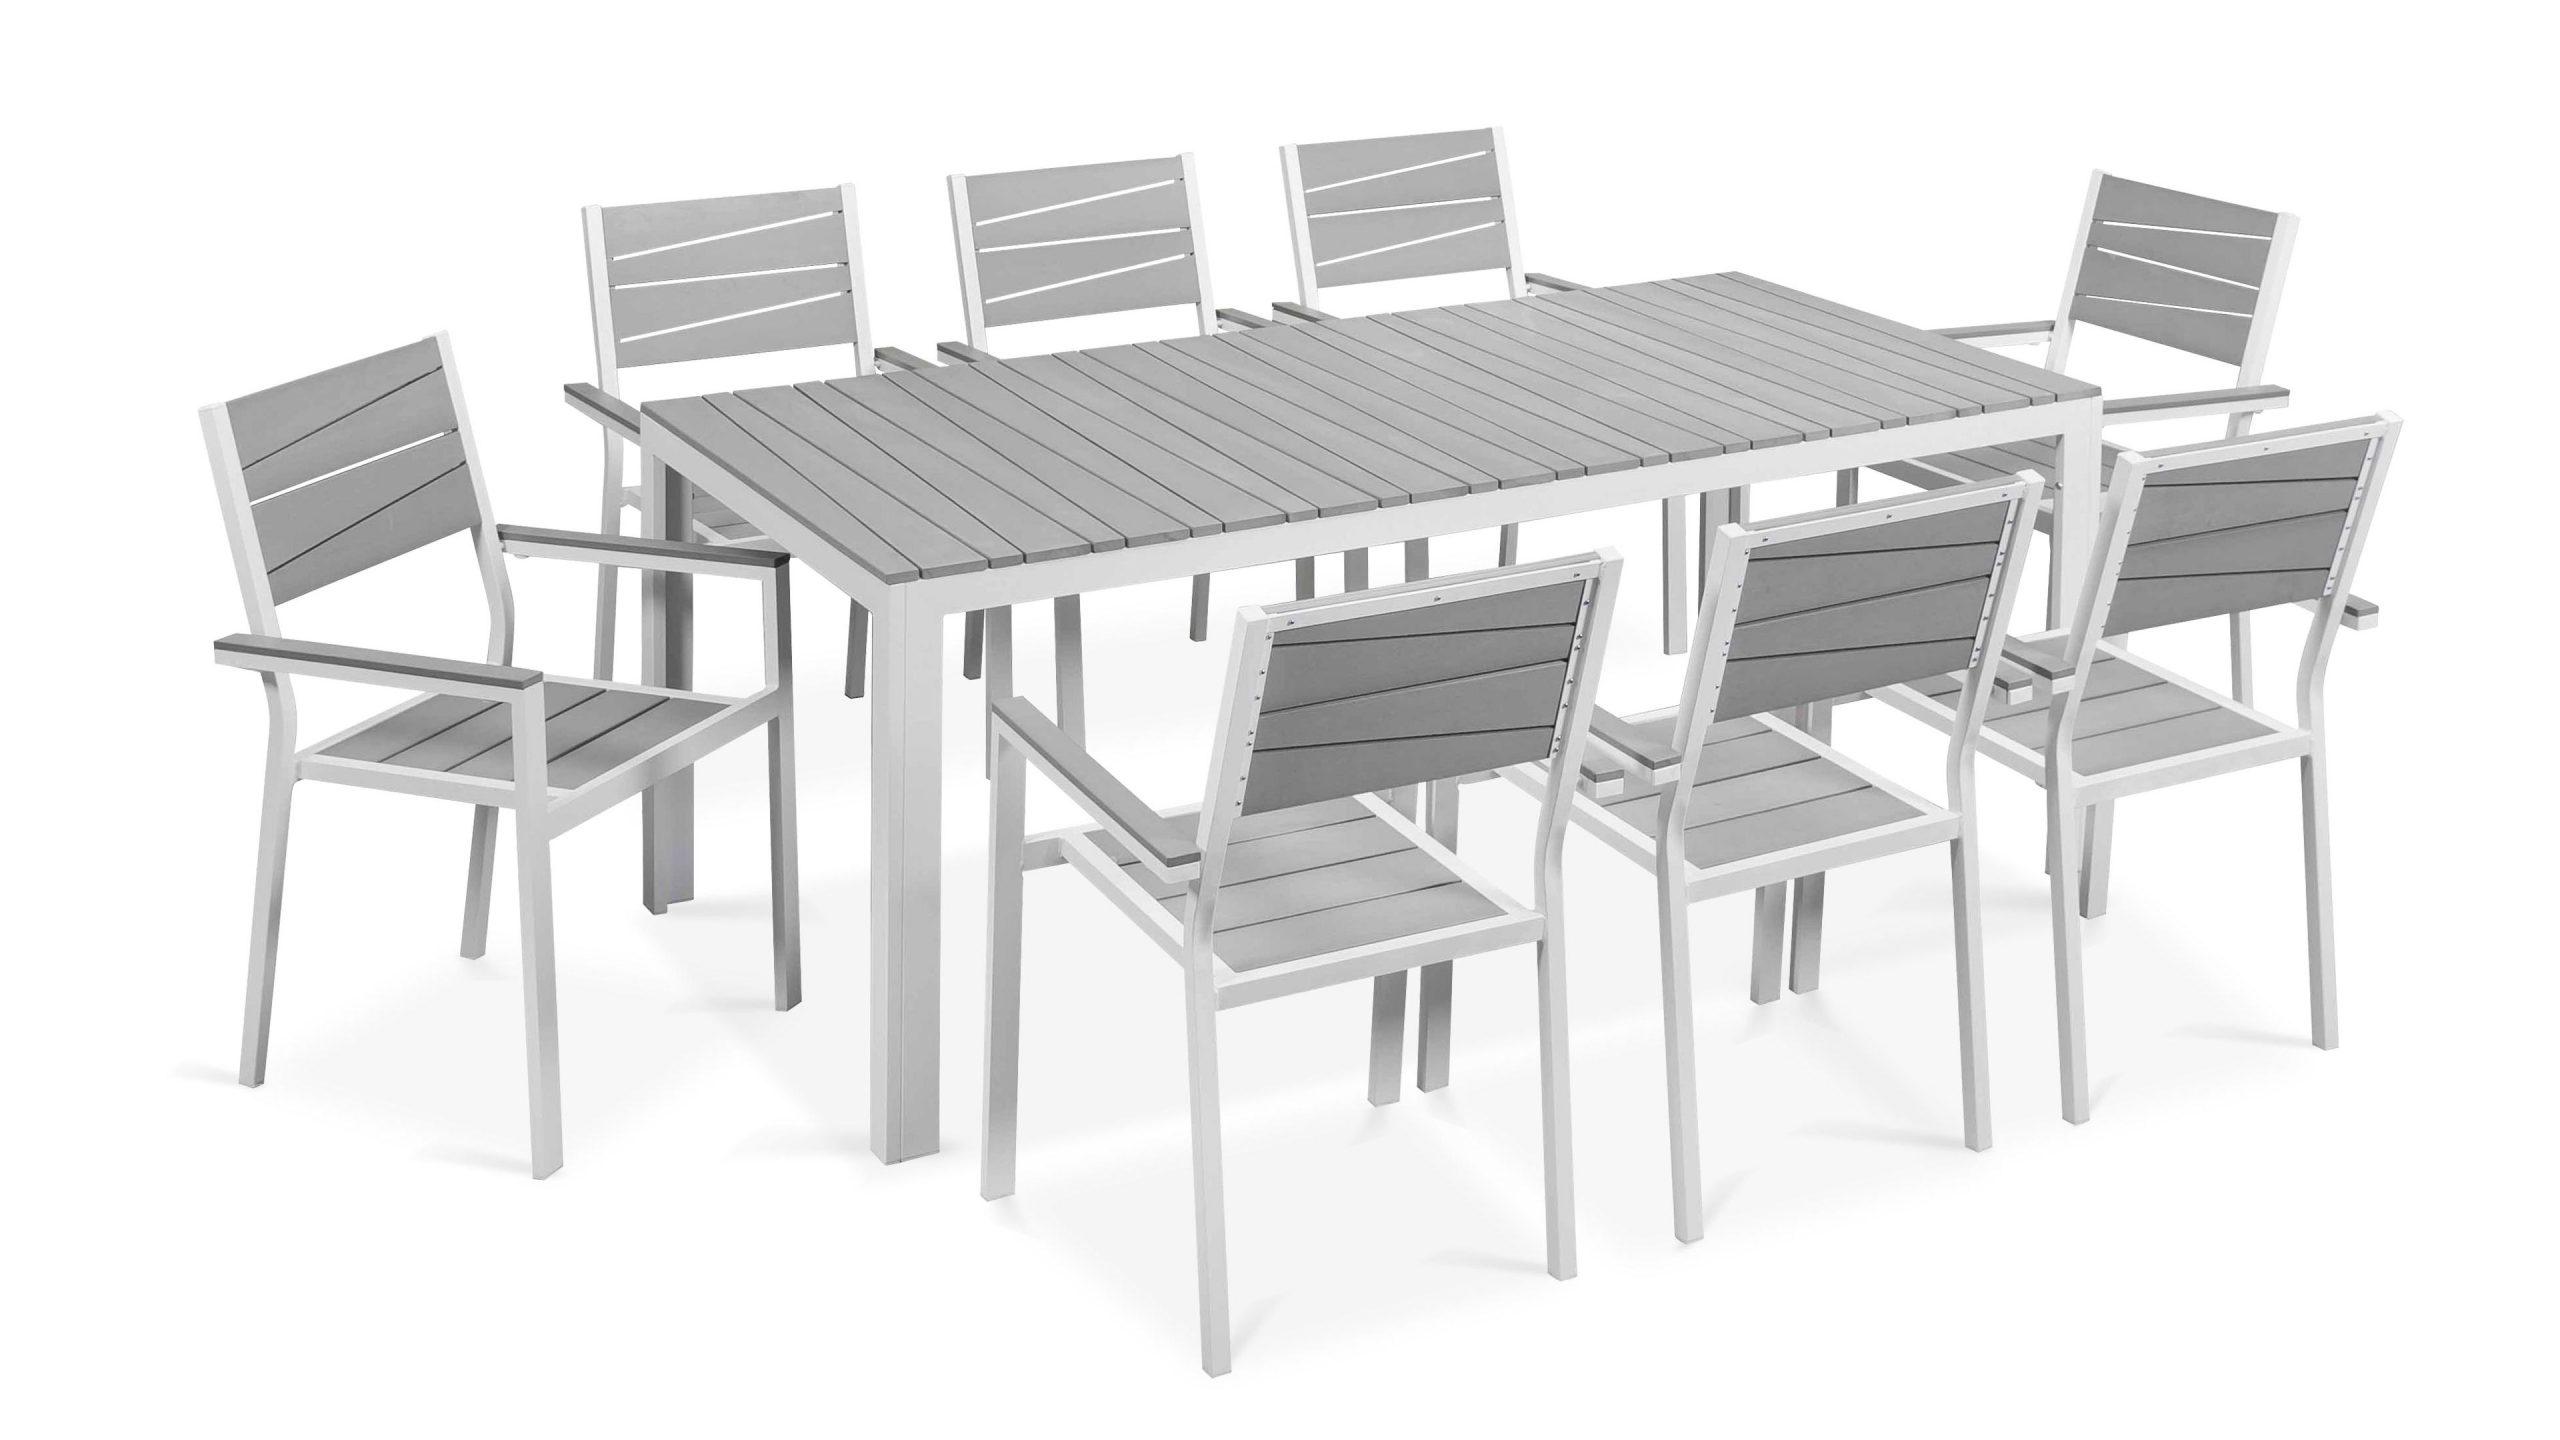 Table De Jardin 8 Places Aluminium Polywood concernant Salon De Jardin Aluminium Et Composite